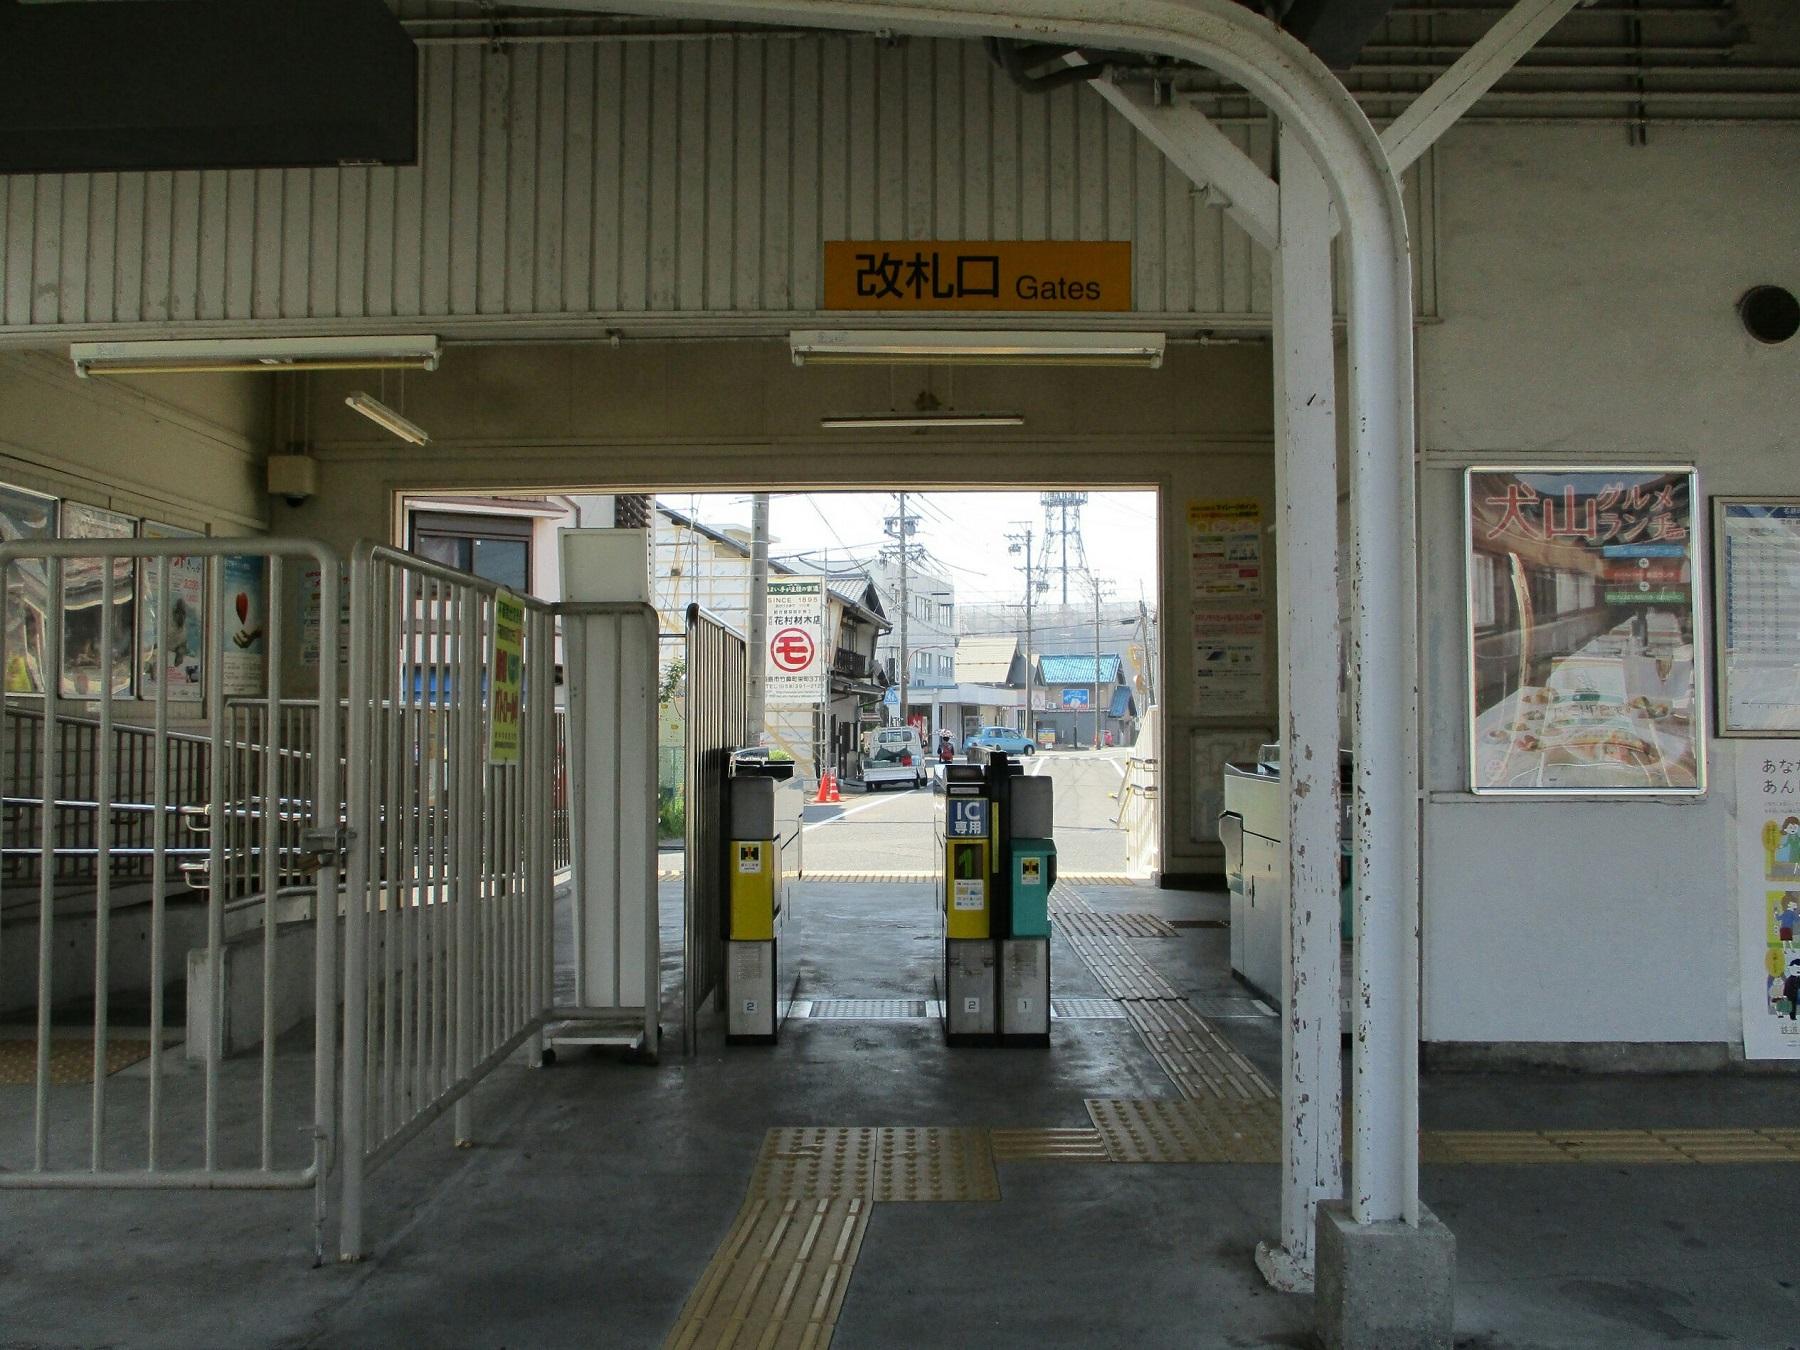 2018.7.18 (53) 竹鼻 - かいさつ(なかから) 1800-1350